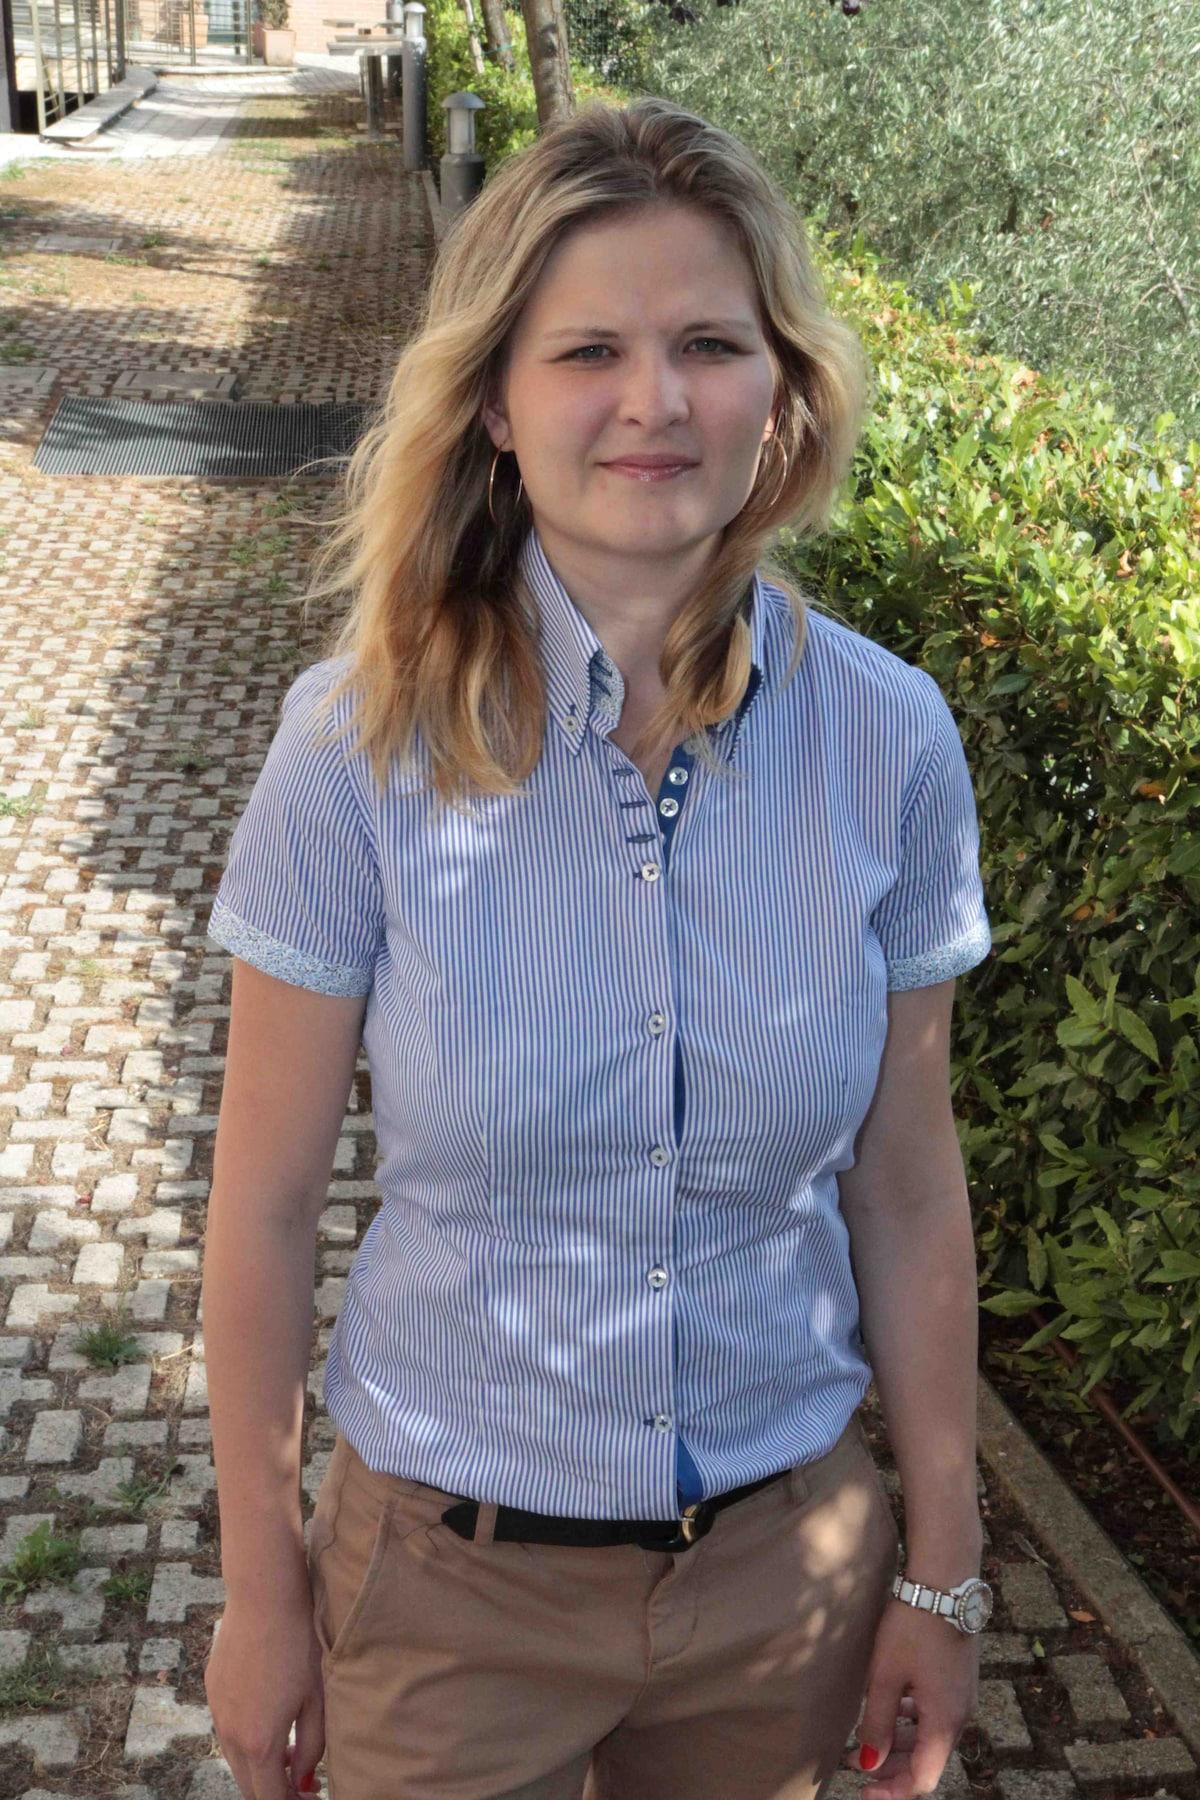 Yuliczka from Vrchlabí